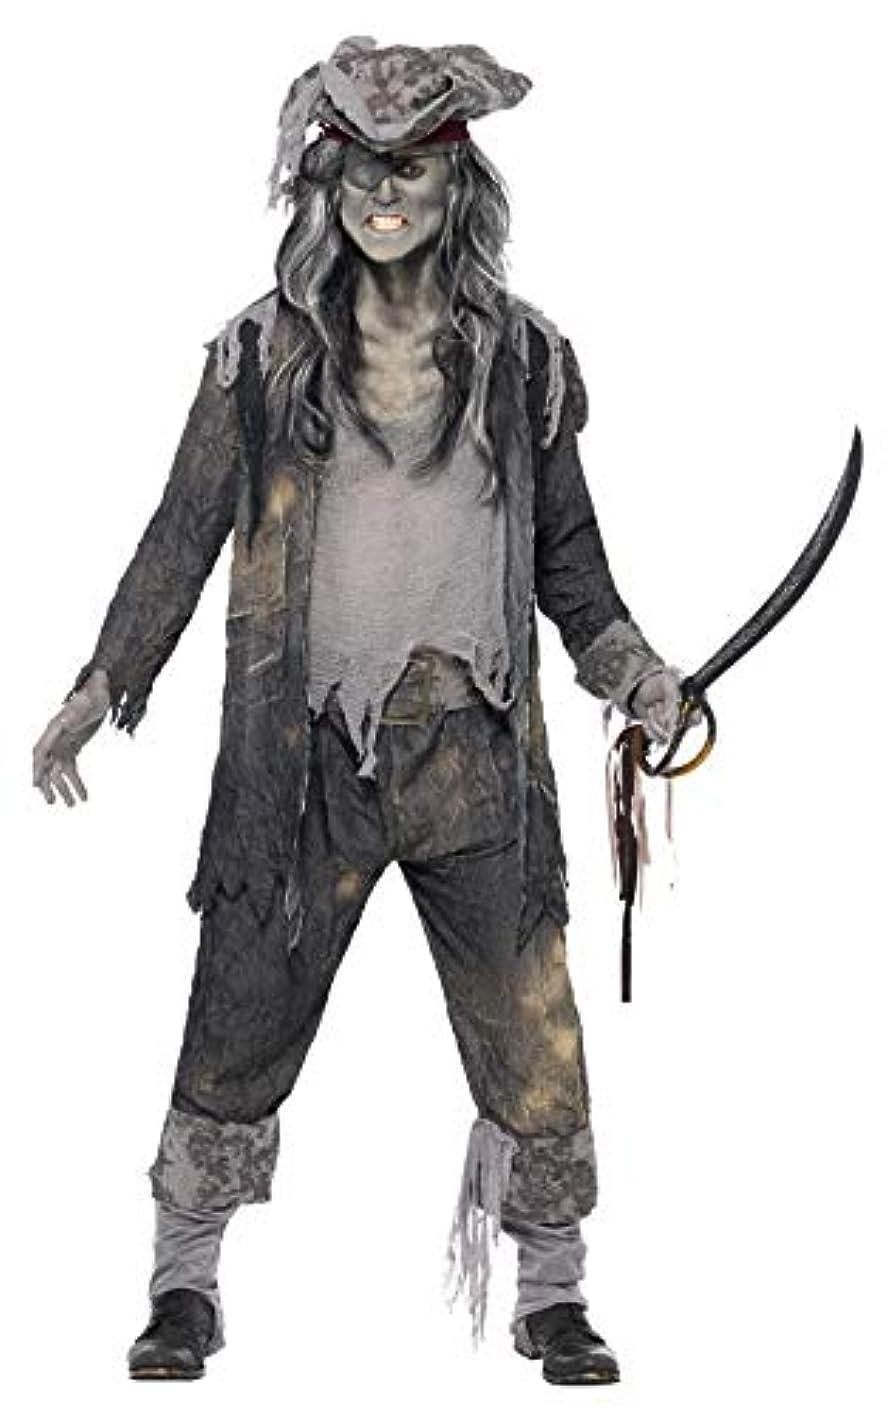 漫画読む不正直幽霊船 海賊 衣装、コスチューム 大人男性用 ゴーストシップ■サイズ:M